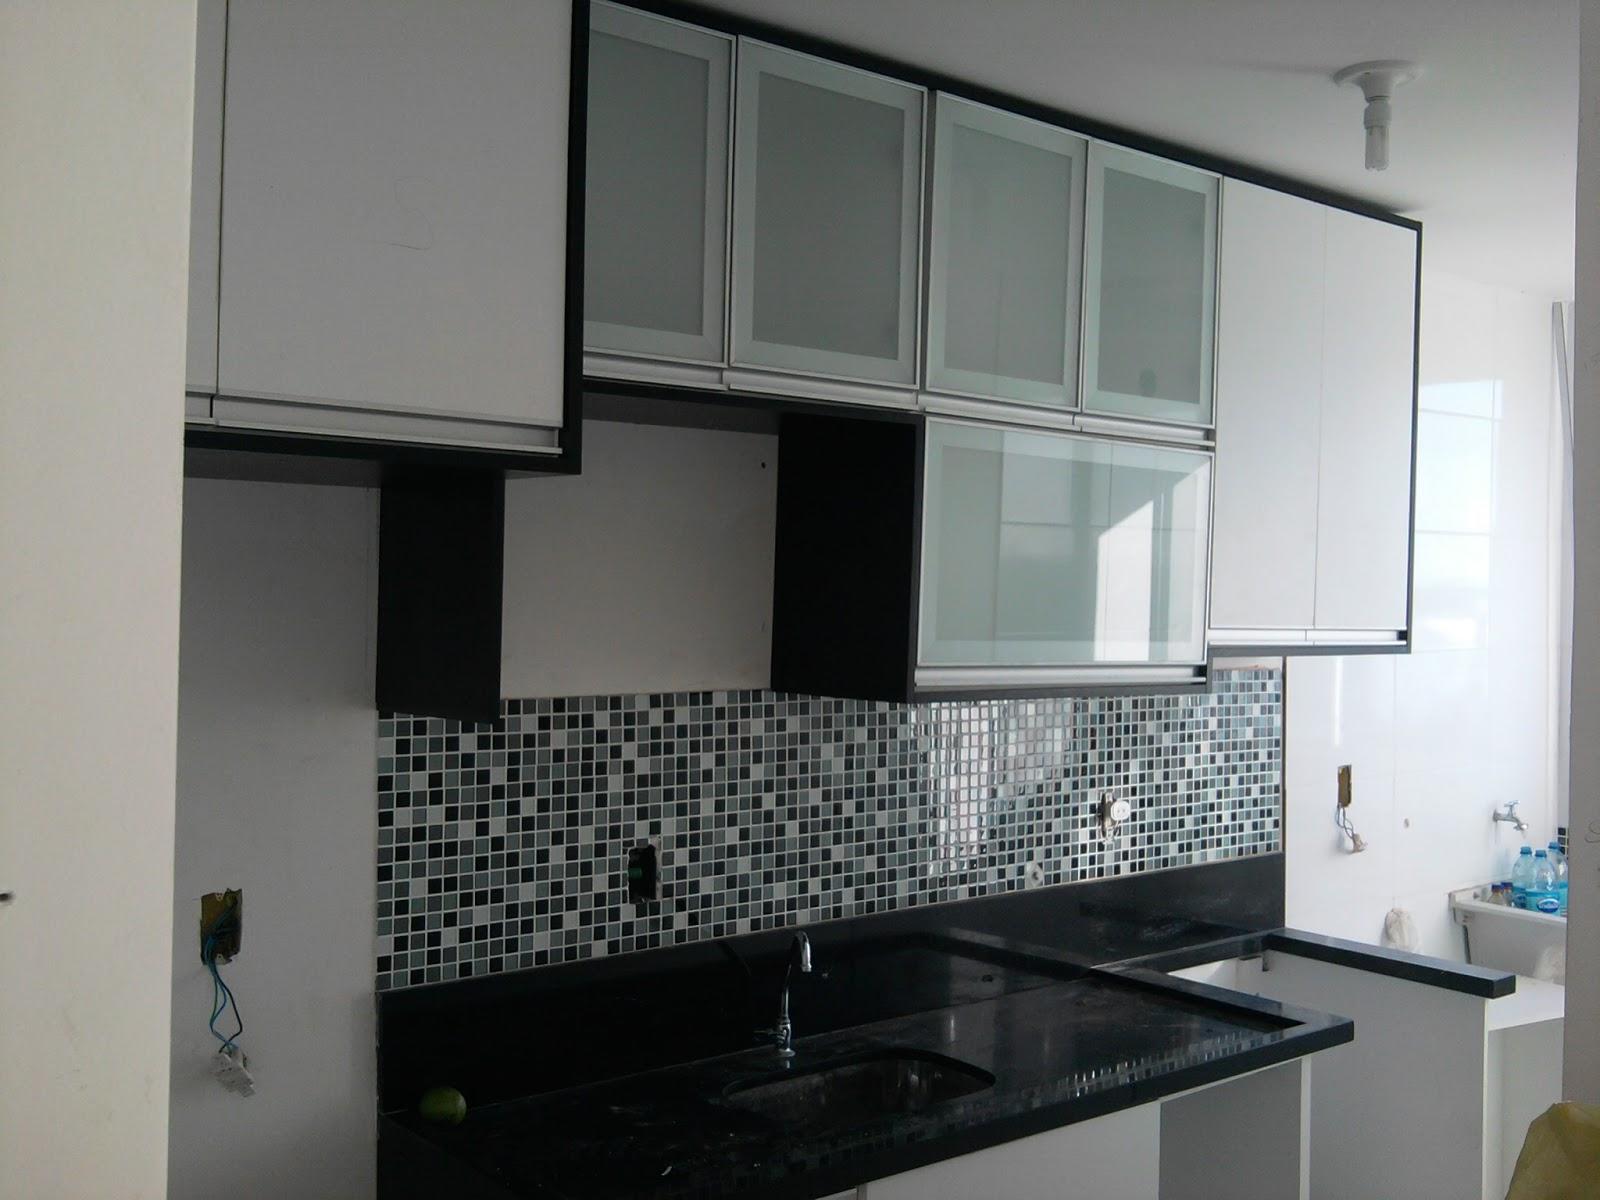 blindex que irá separar a cozinha da área de serviço. O resultado #596872 1600x1200 Banheiro Com Blindex Preto